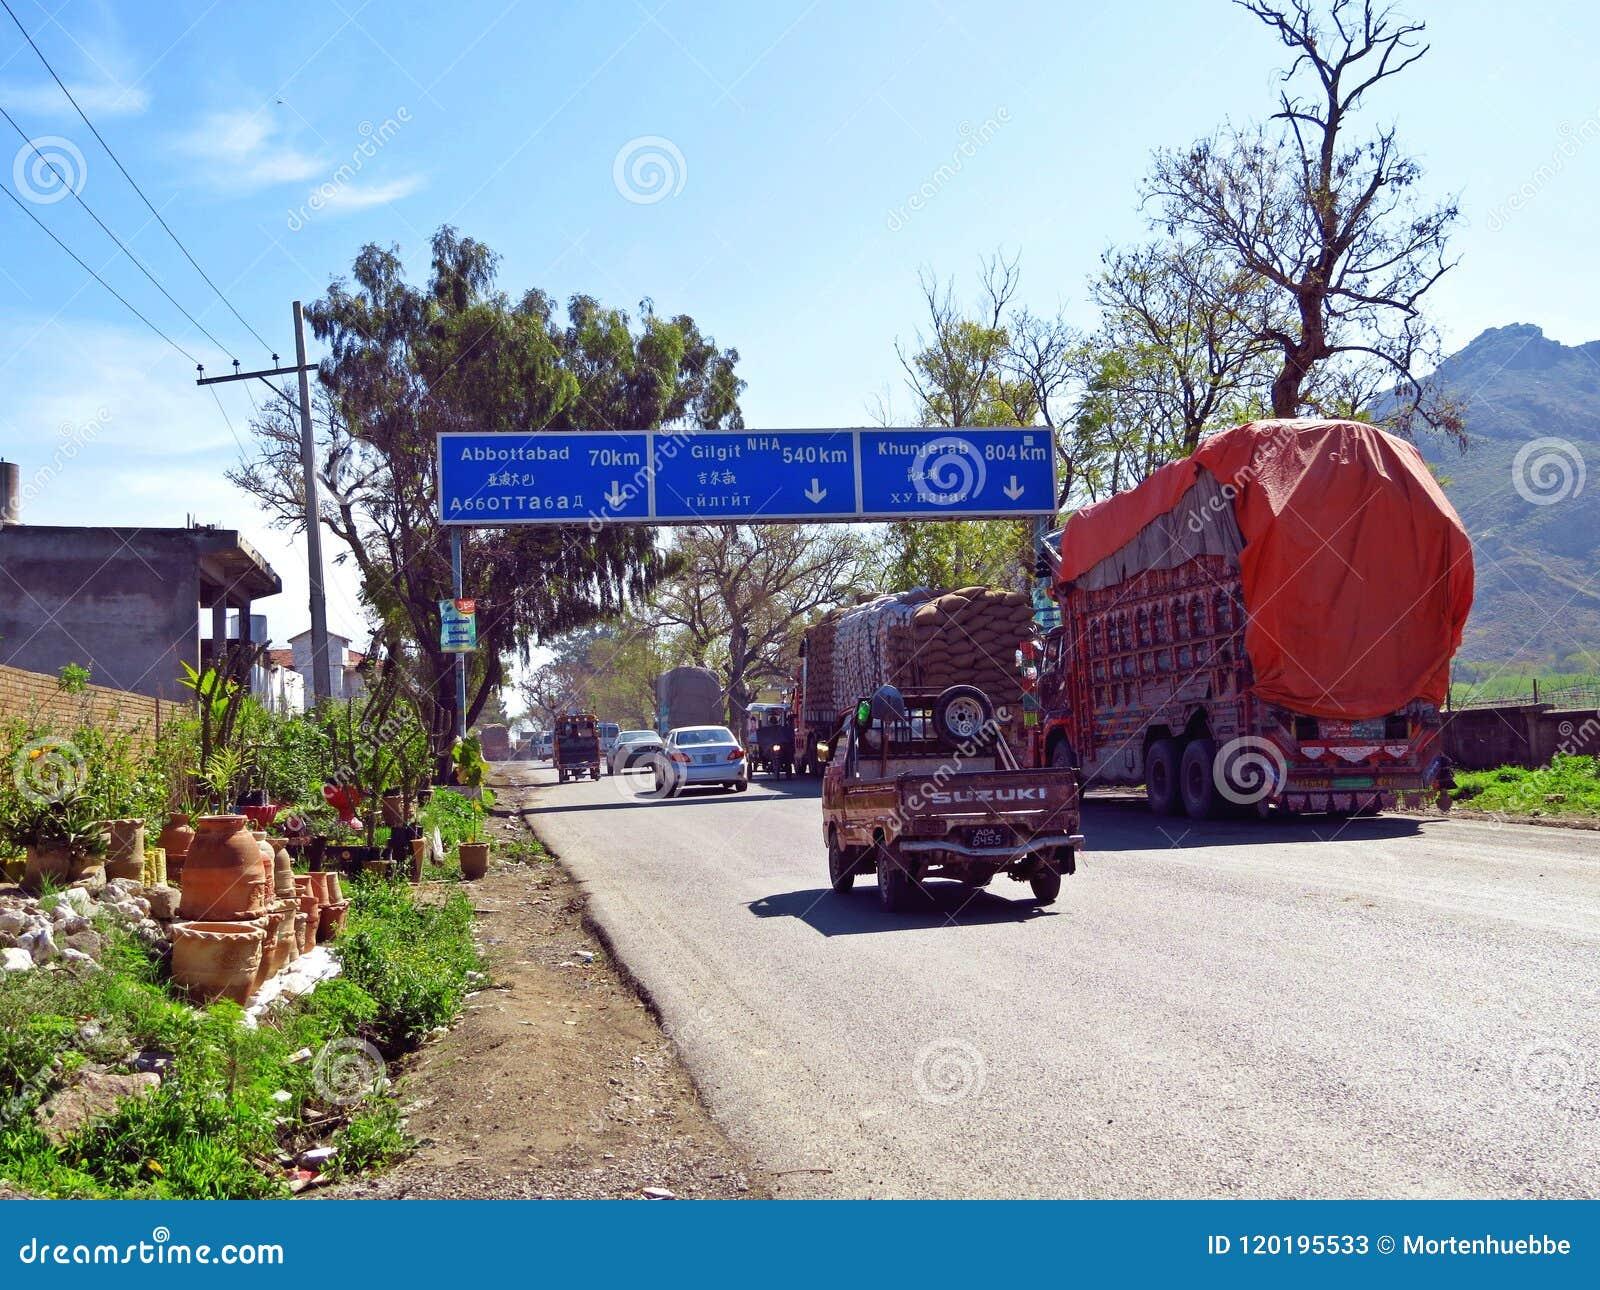 Punto inicial de la carretera de Karakoram, Hasan Abdal, Paquistán